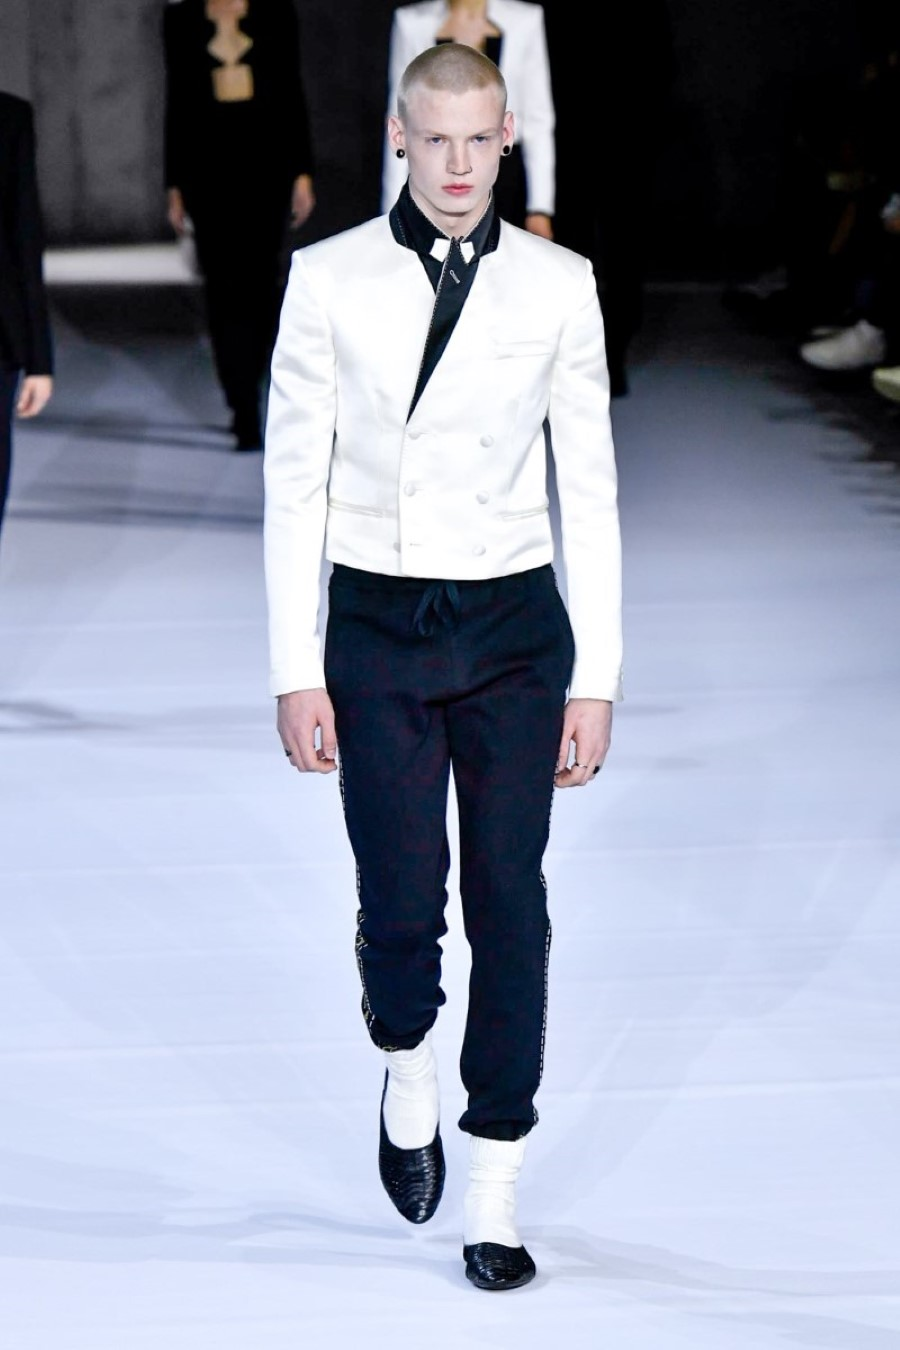 Haider Ackermann - Fall Winter 2020 - Paris Fashion WeekHaider Ackermann - Fall Winter 2020 - Paris Fashion Week